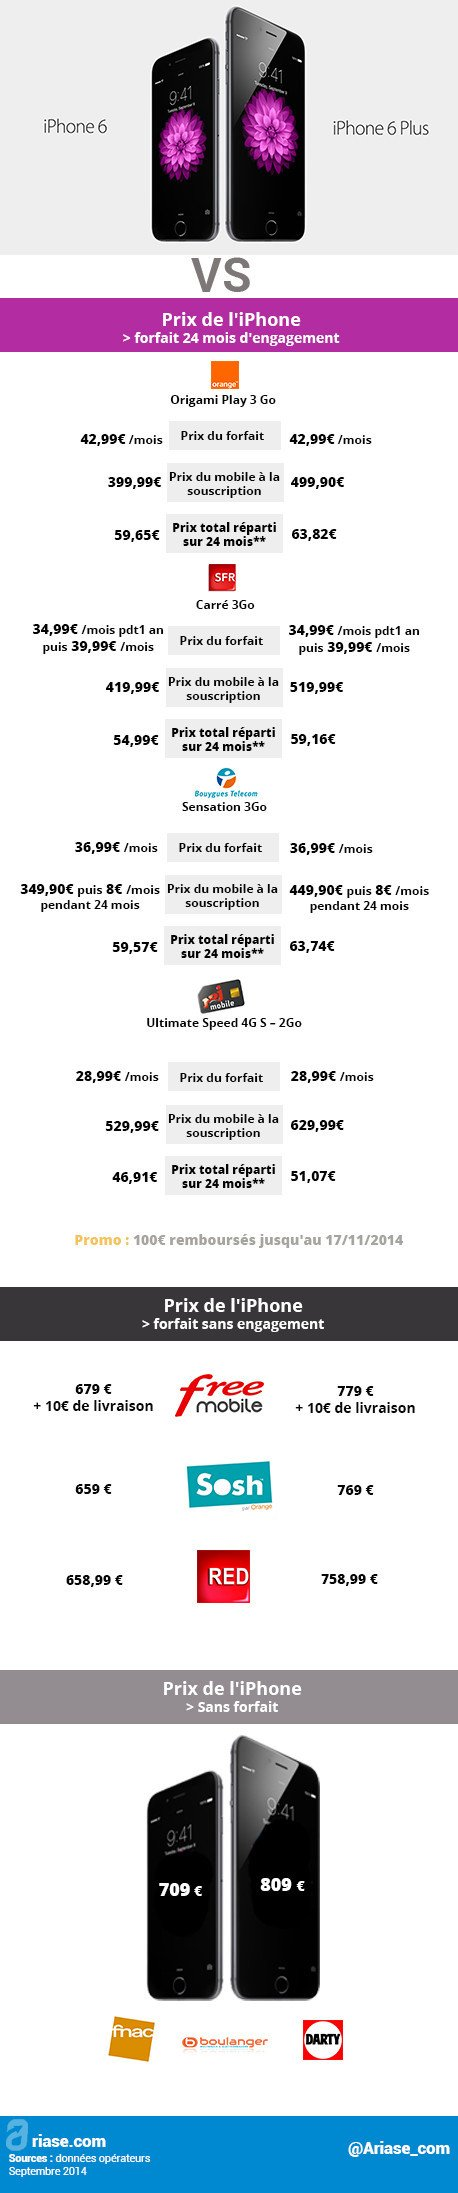 prix de l'iphone 6 plus chez les opérateurs